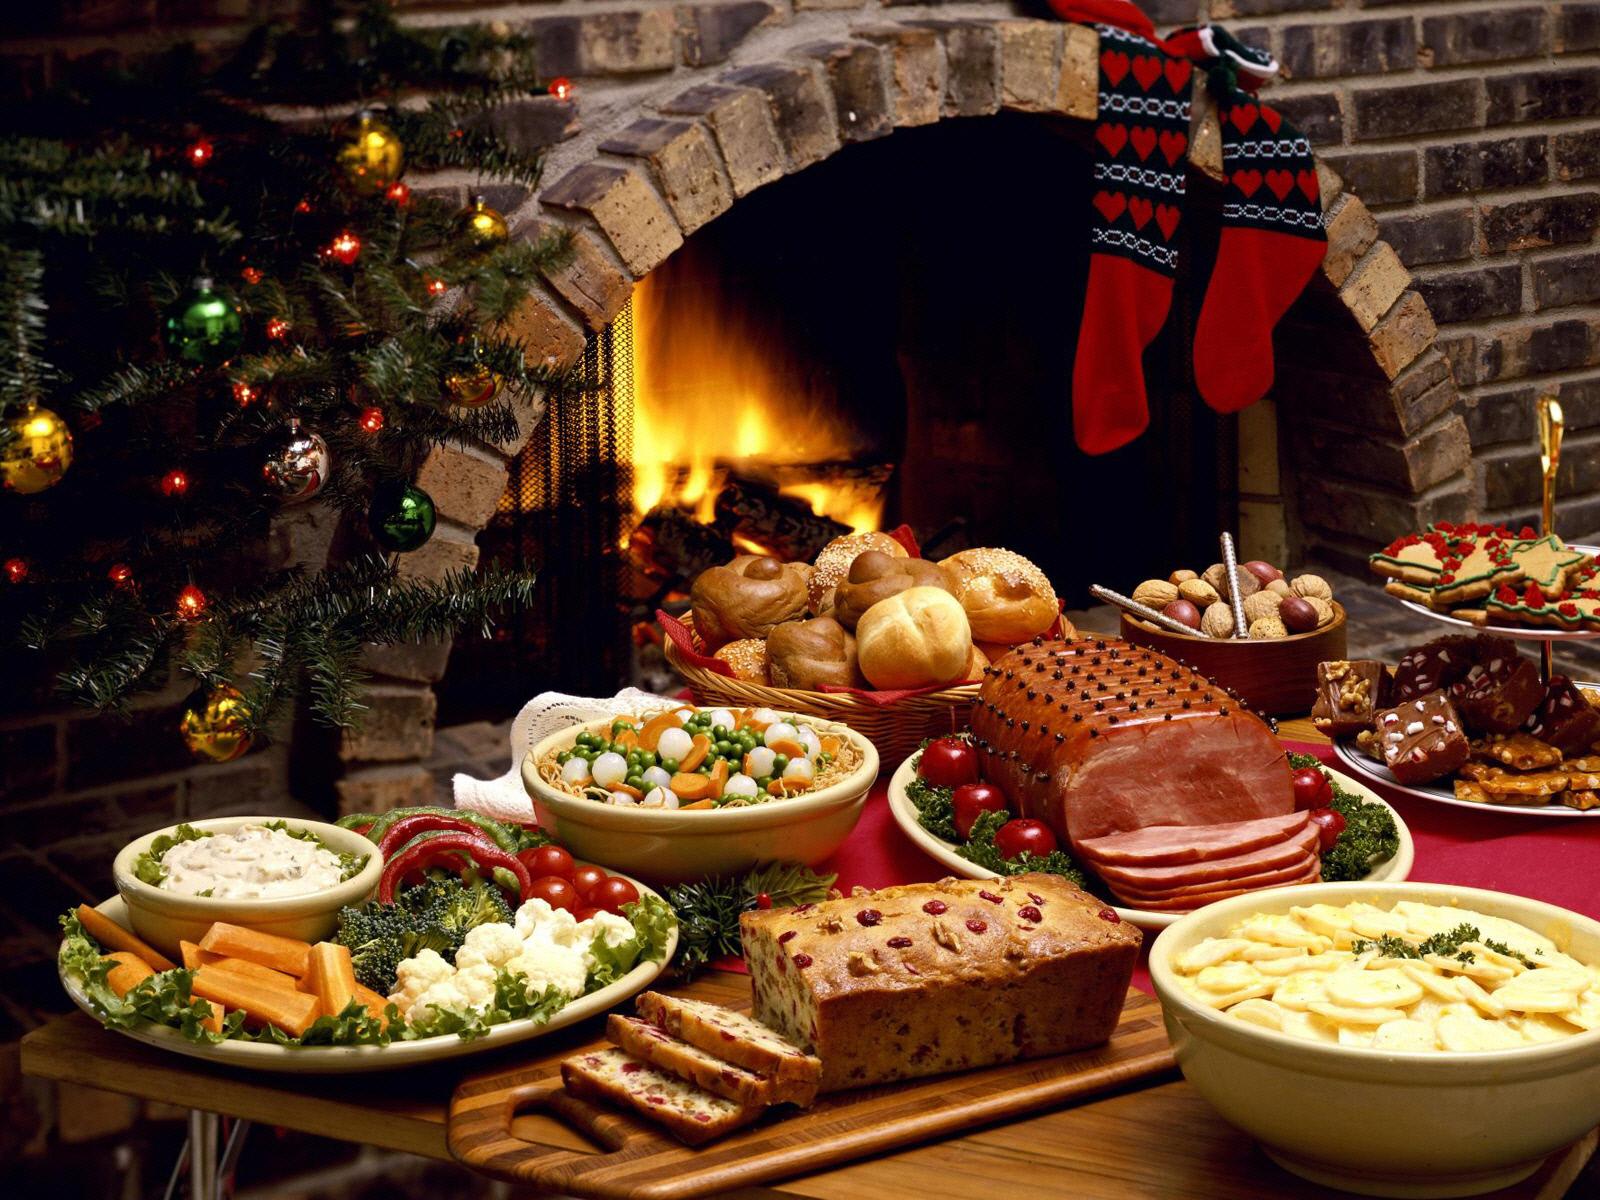 Sonar Con Cena De Navidad Que Significa - Que-preparar-para-la-cena-de-navidad